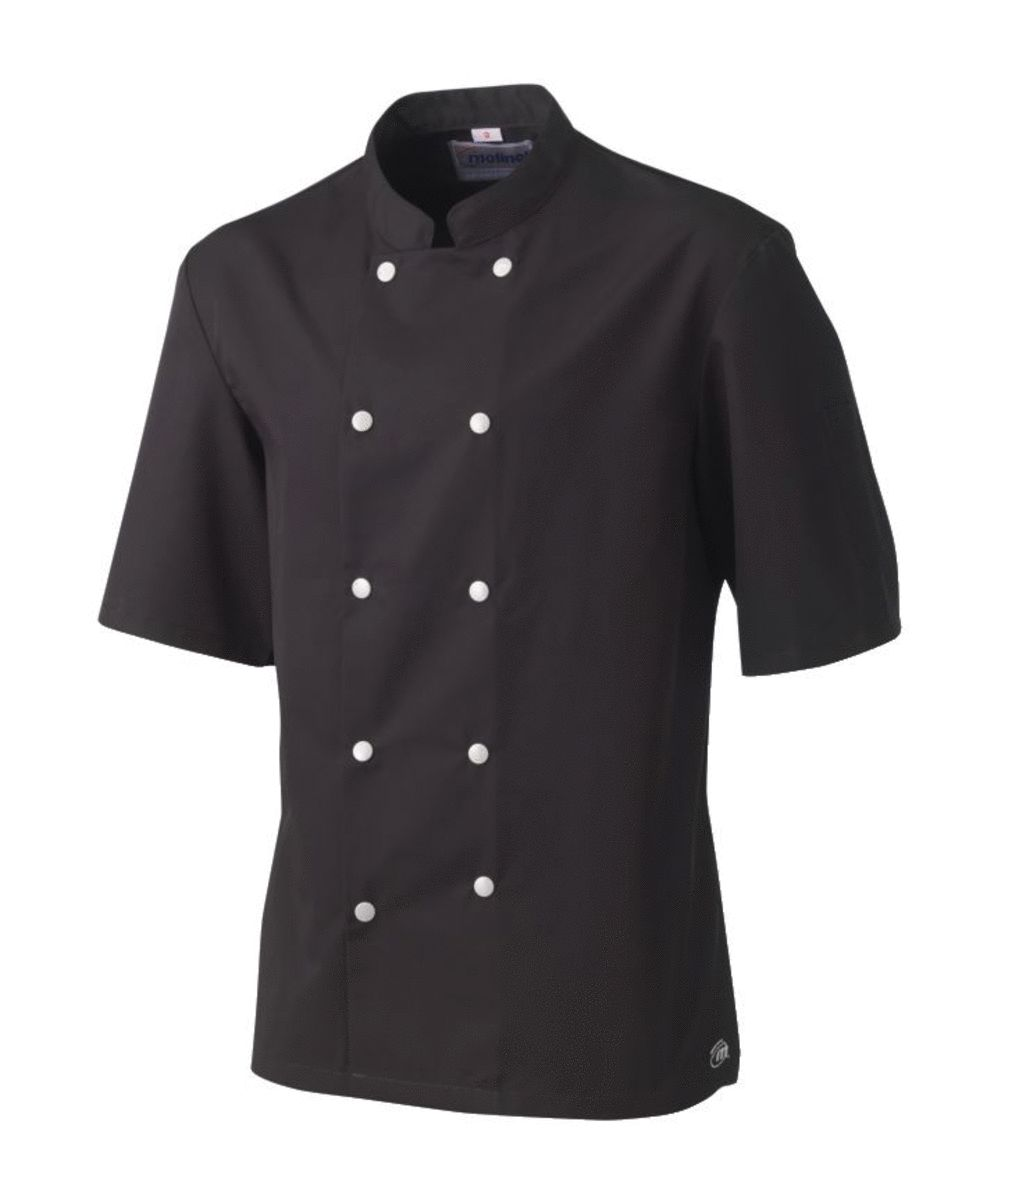 Veste de cuisine homme manche courte noir taille 5 Blake Molinel